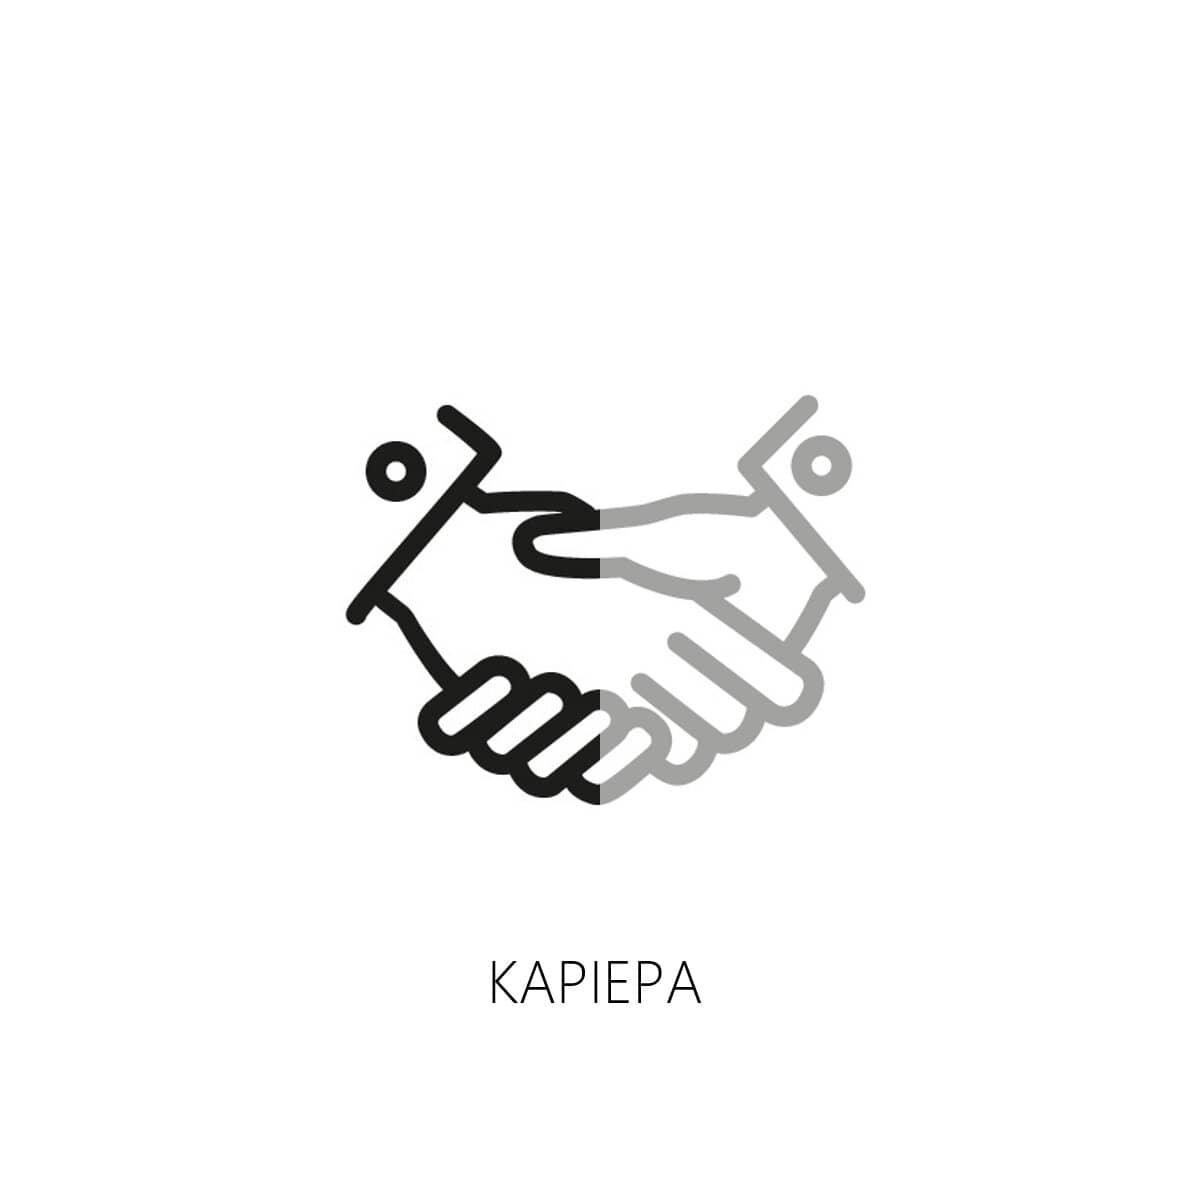 Δύο άνθρωποι που δίνουν τα χέρια κλίνοντας μία νέα συμφωνία και δείχνοντας μία επιτυχημένη επαγγελματική καριέρα